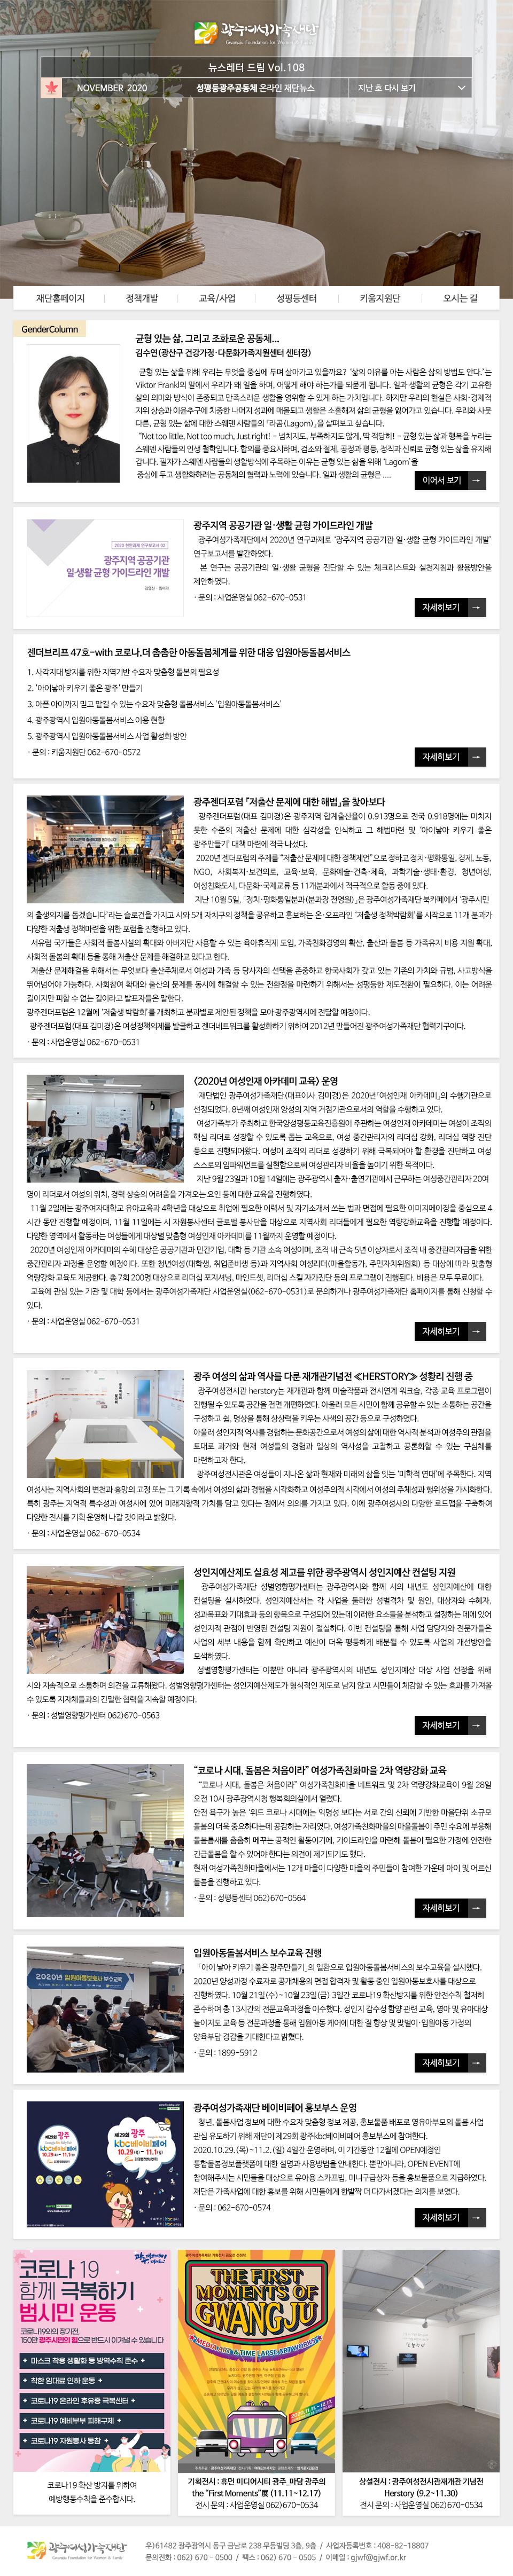 뉴스레터 드림 108호(20.11월) 썸네일